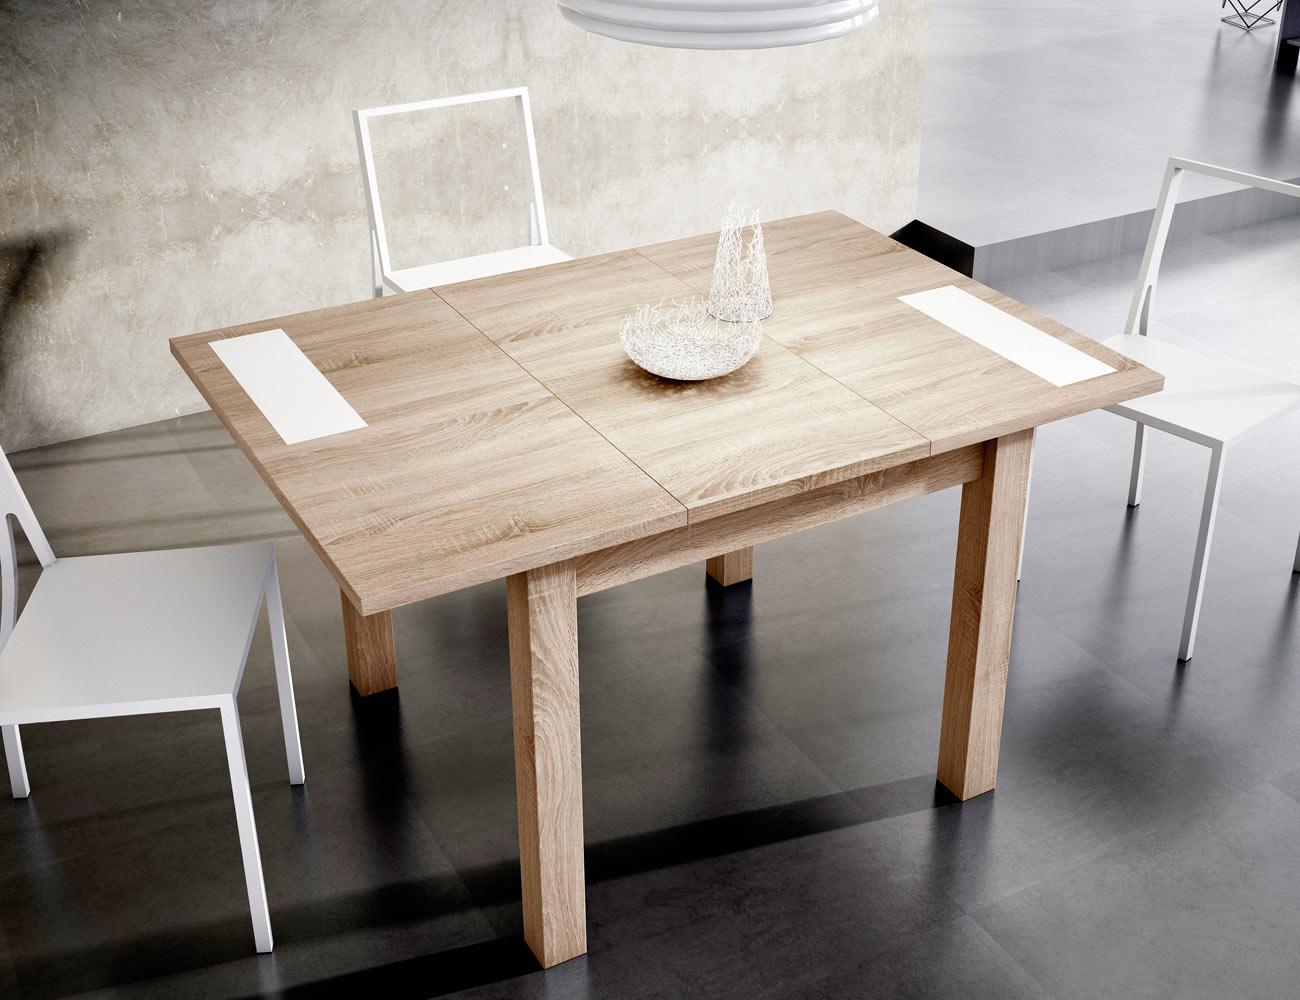 Mesa comedor pequea extensible good mesa comedor redonda for Comedor pequea o moderno